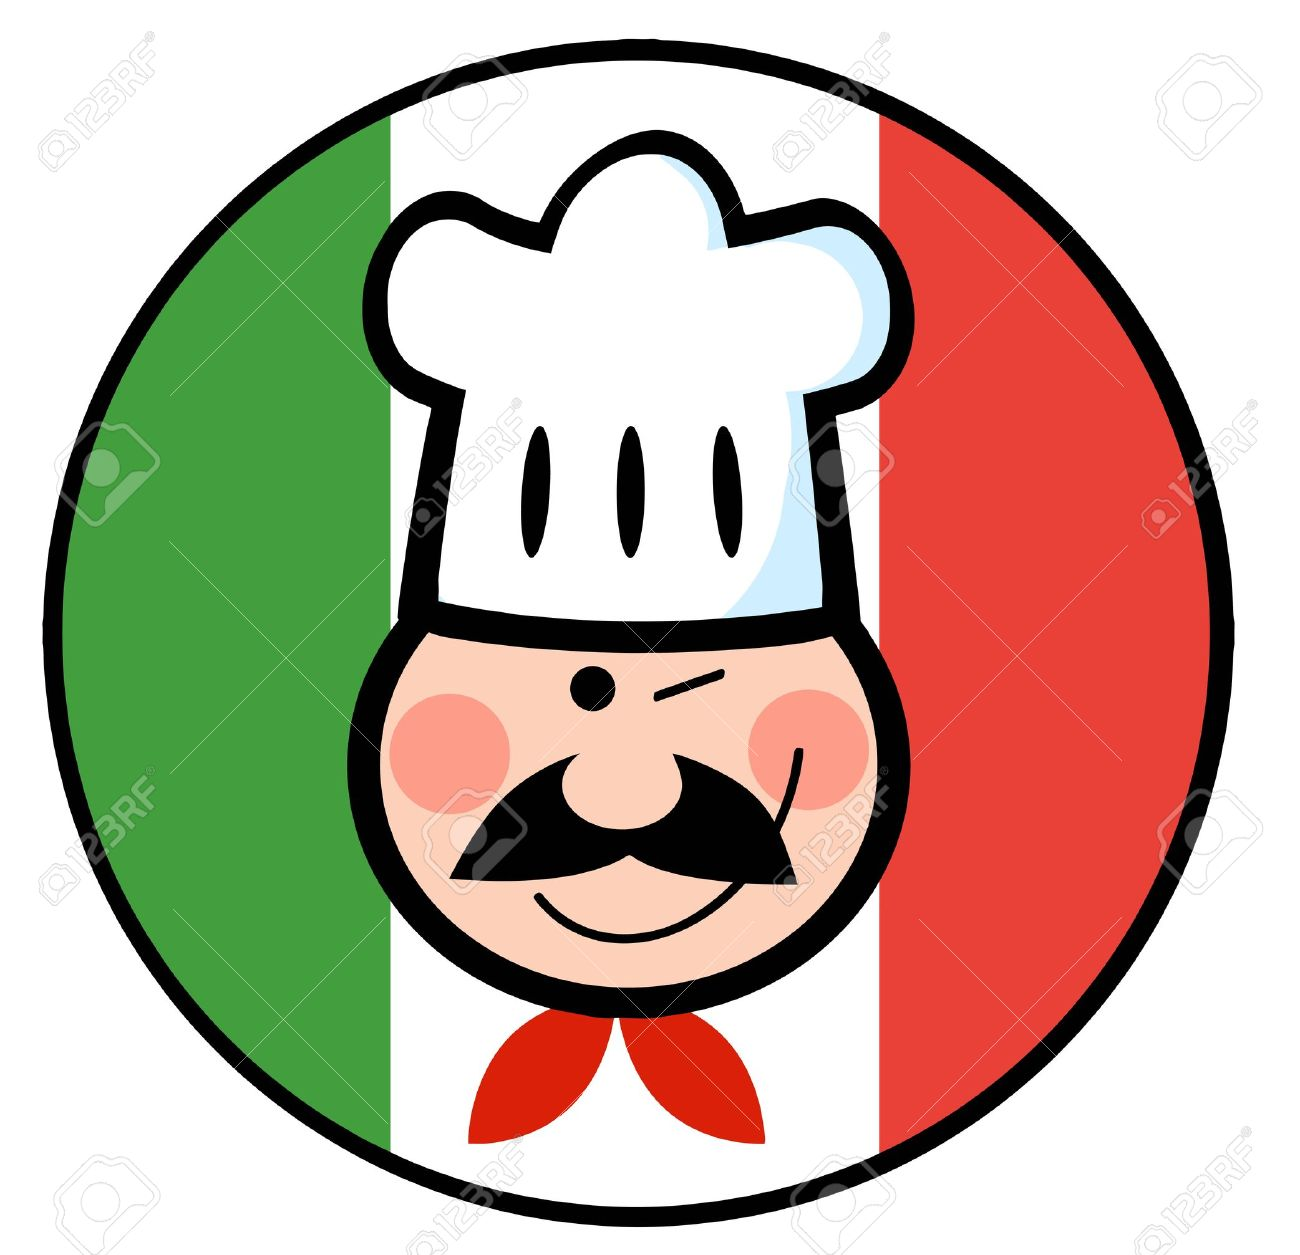 Strizza L'occhio Volto Chef Su Un Cerchio Bandiera Italiana.